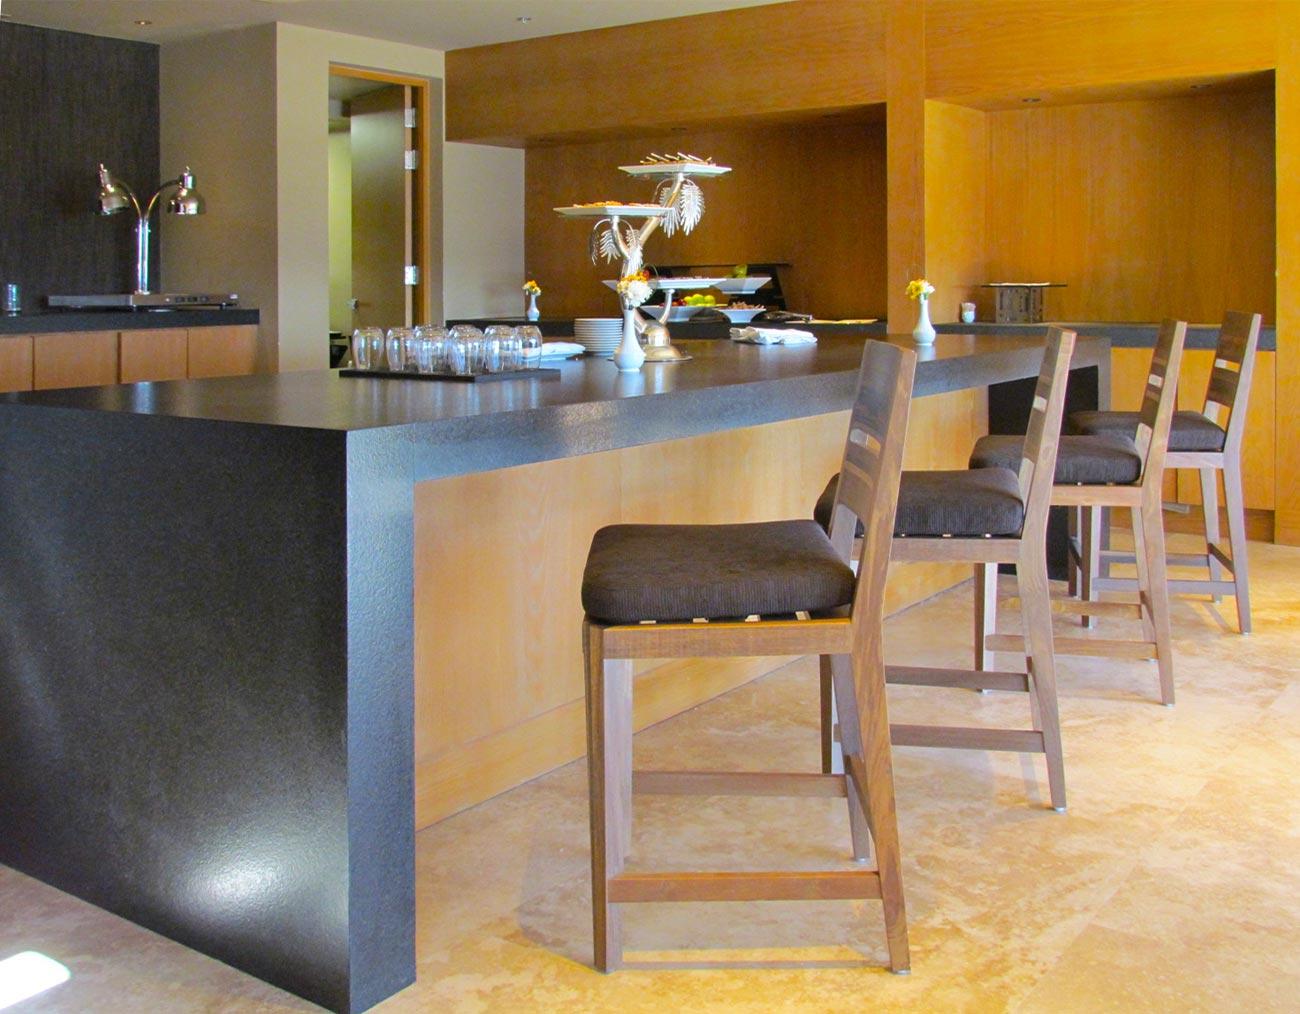 Gastronomie Möbel   Möbel für Restaurants & Hotels direkt vom Hersteller